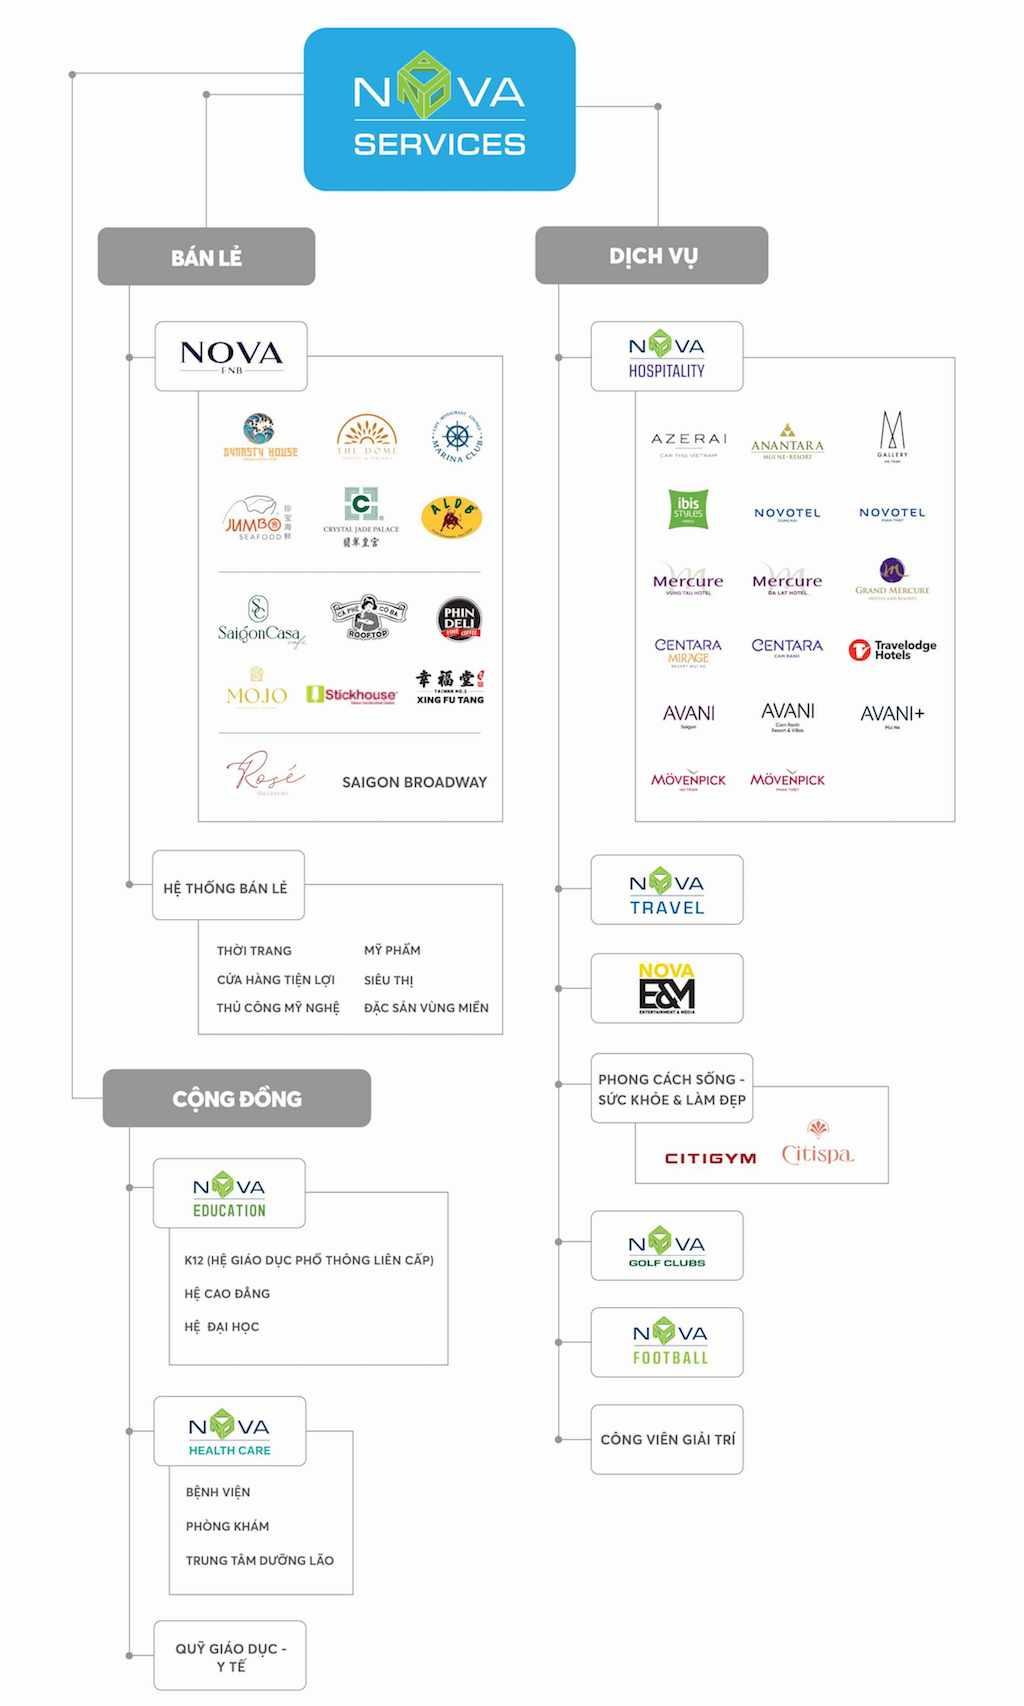 Toàn cảnh hệ sinh thái của Nova Services